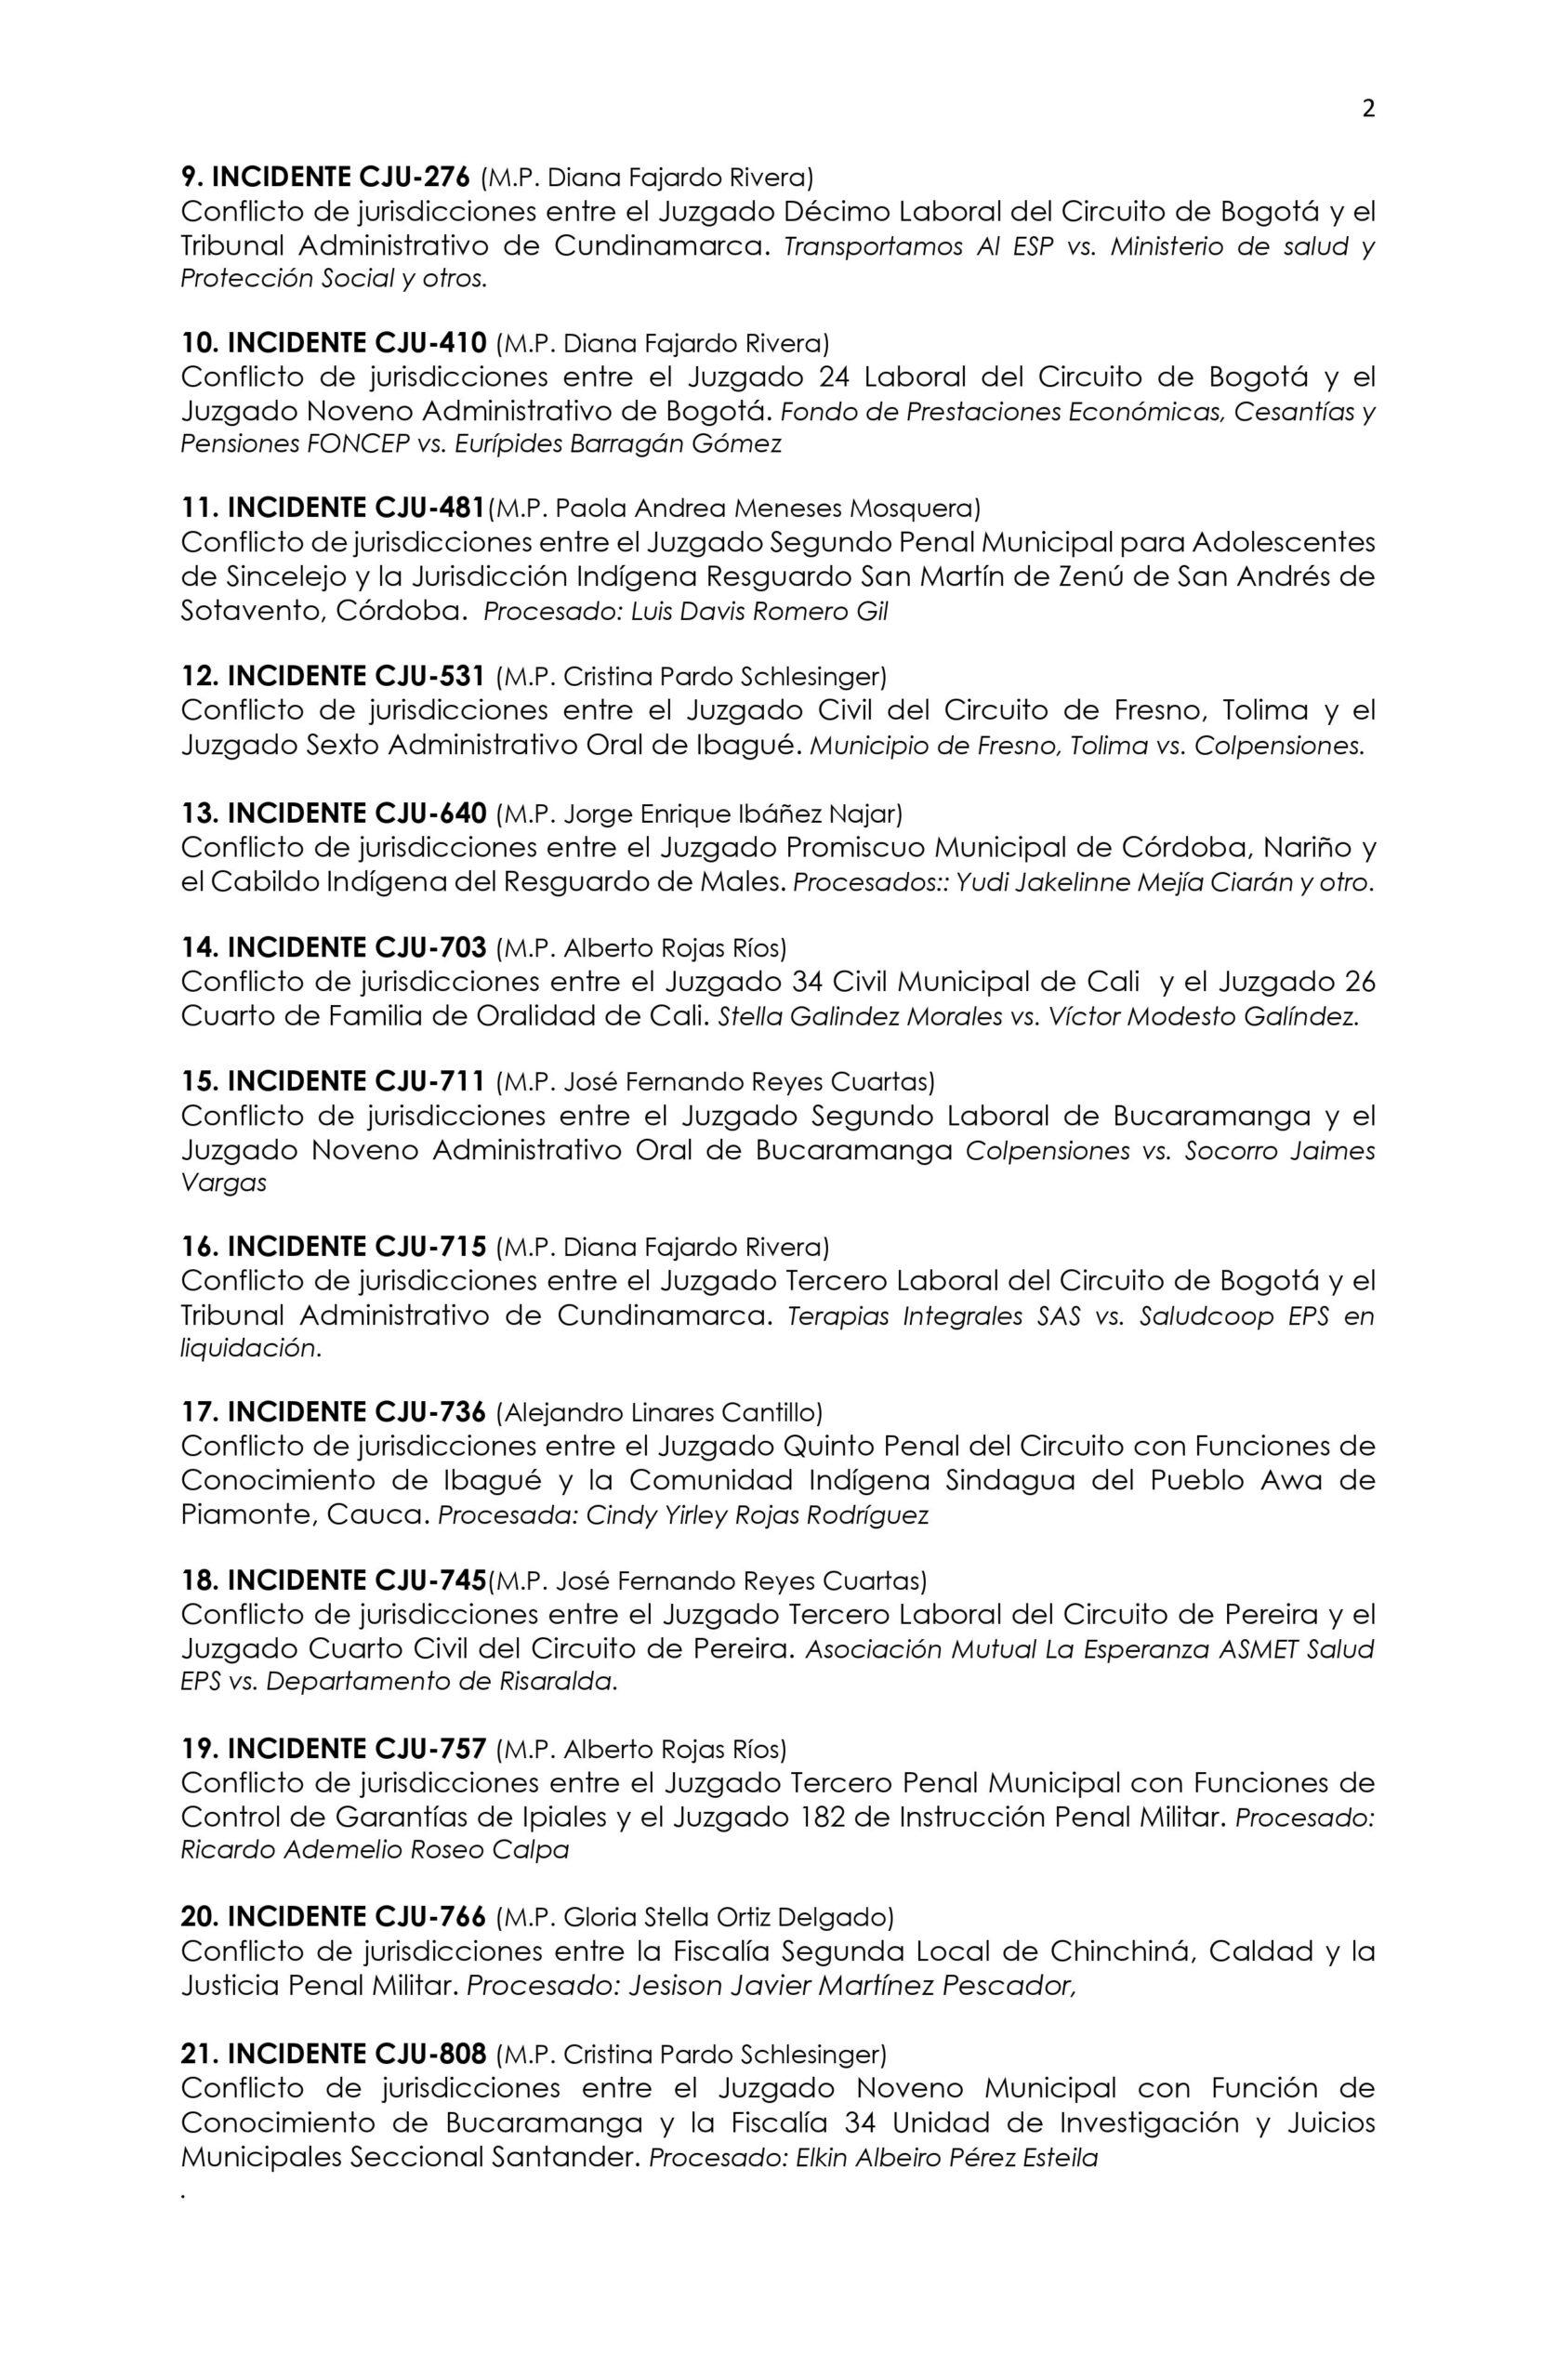 Corte Constitucional definirá el caso del Mayor Molano 3